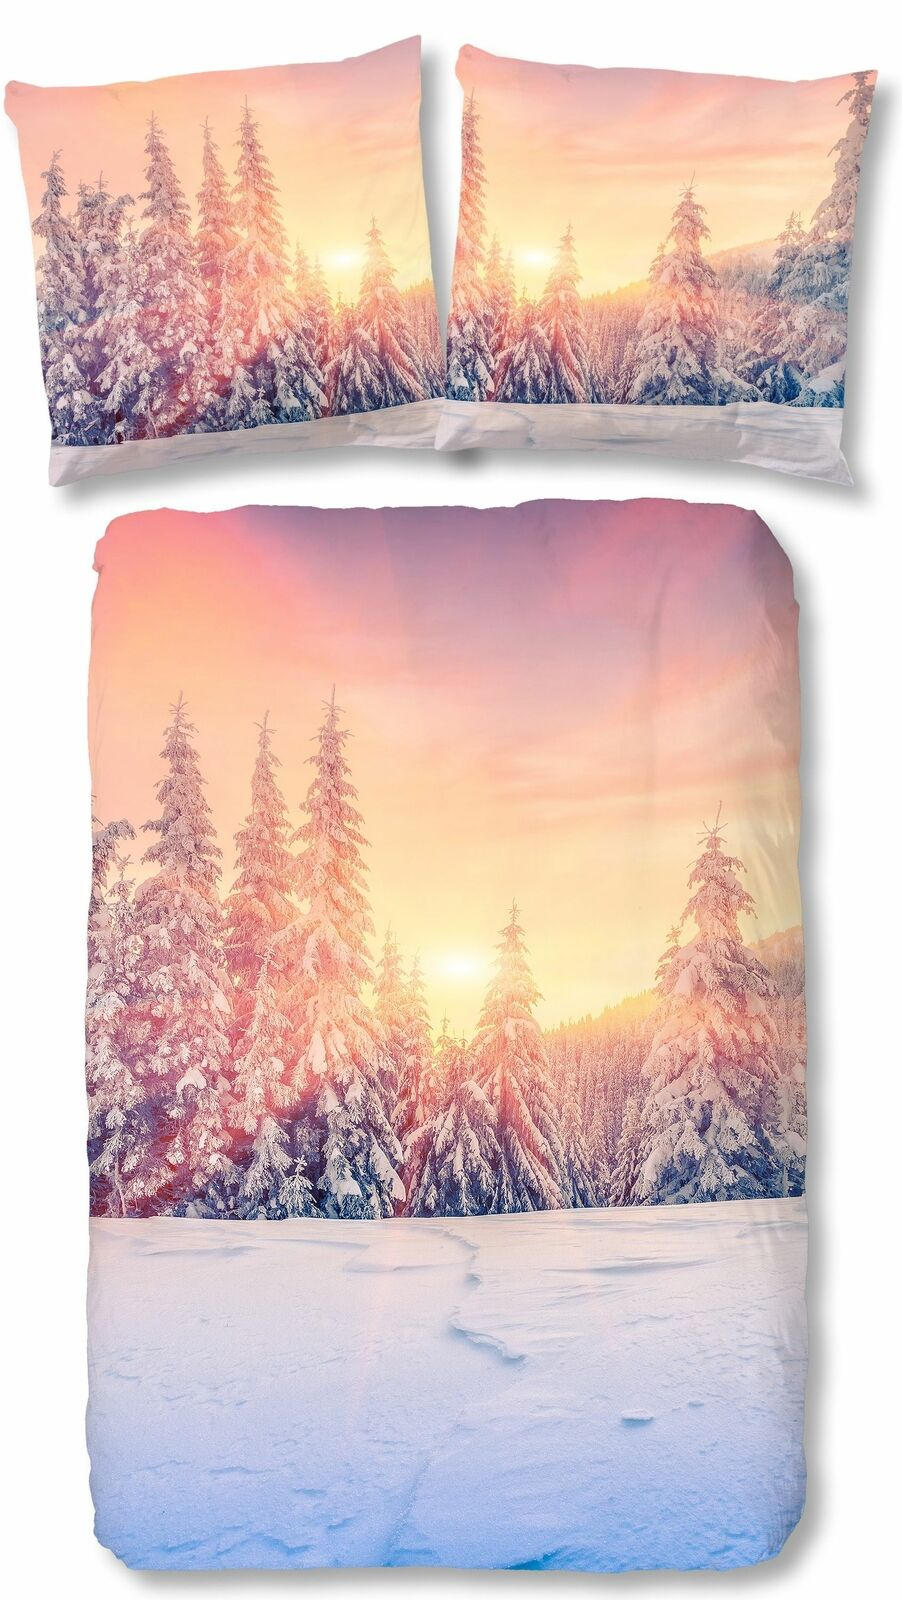 4 tlg Bettwäsche 135x200 cm Sonnenuntergang Schneelandschaft weiß Baumwolle Set